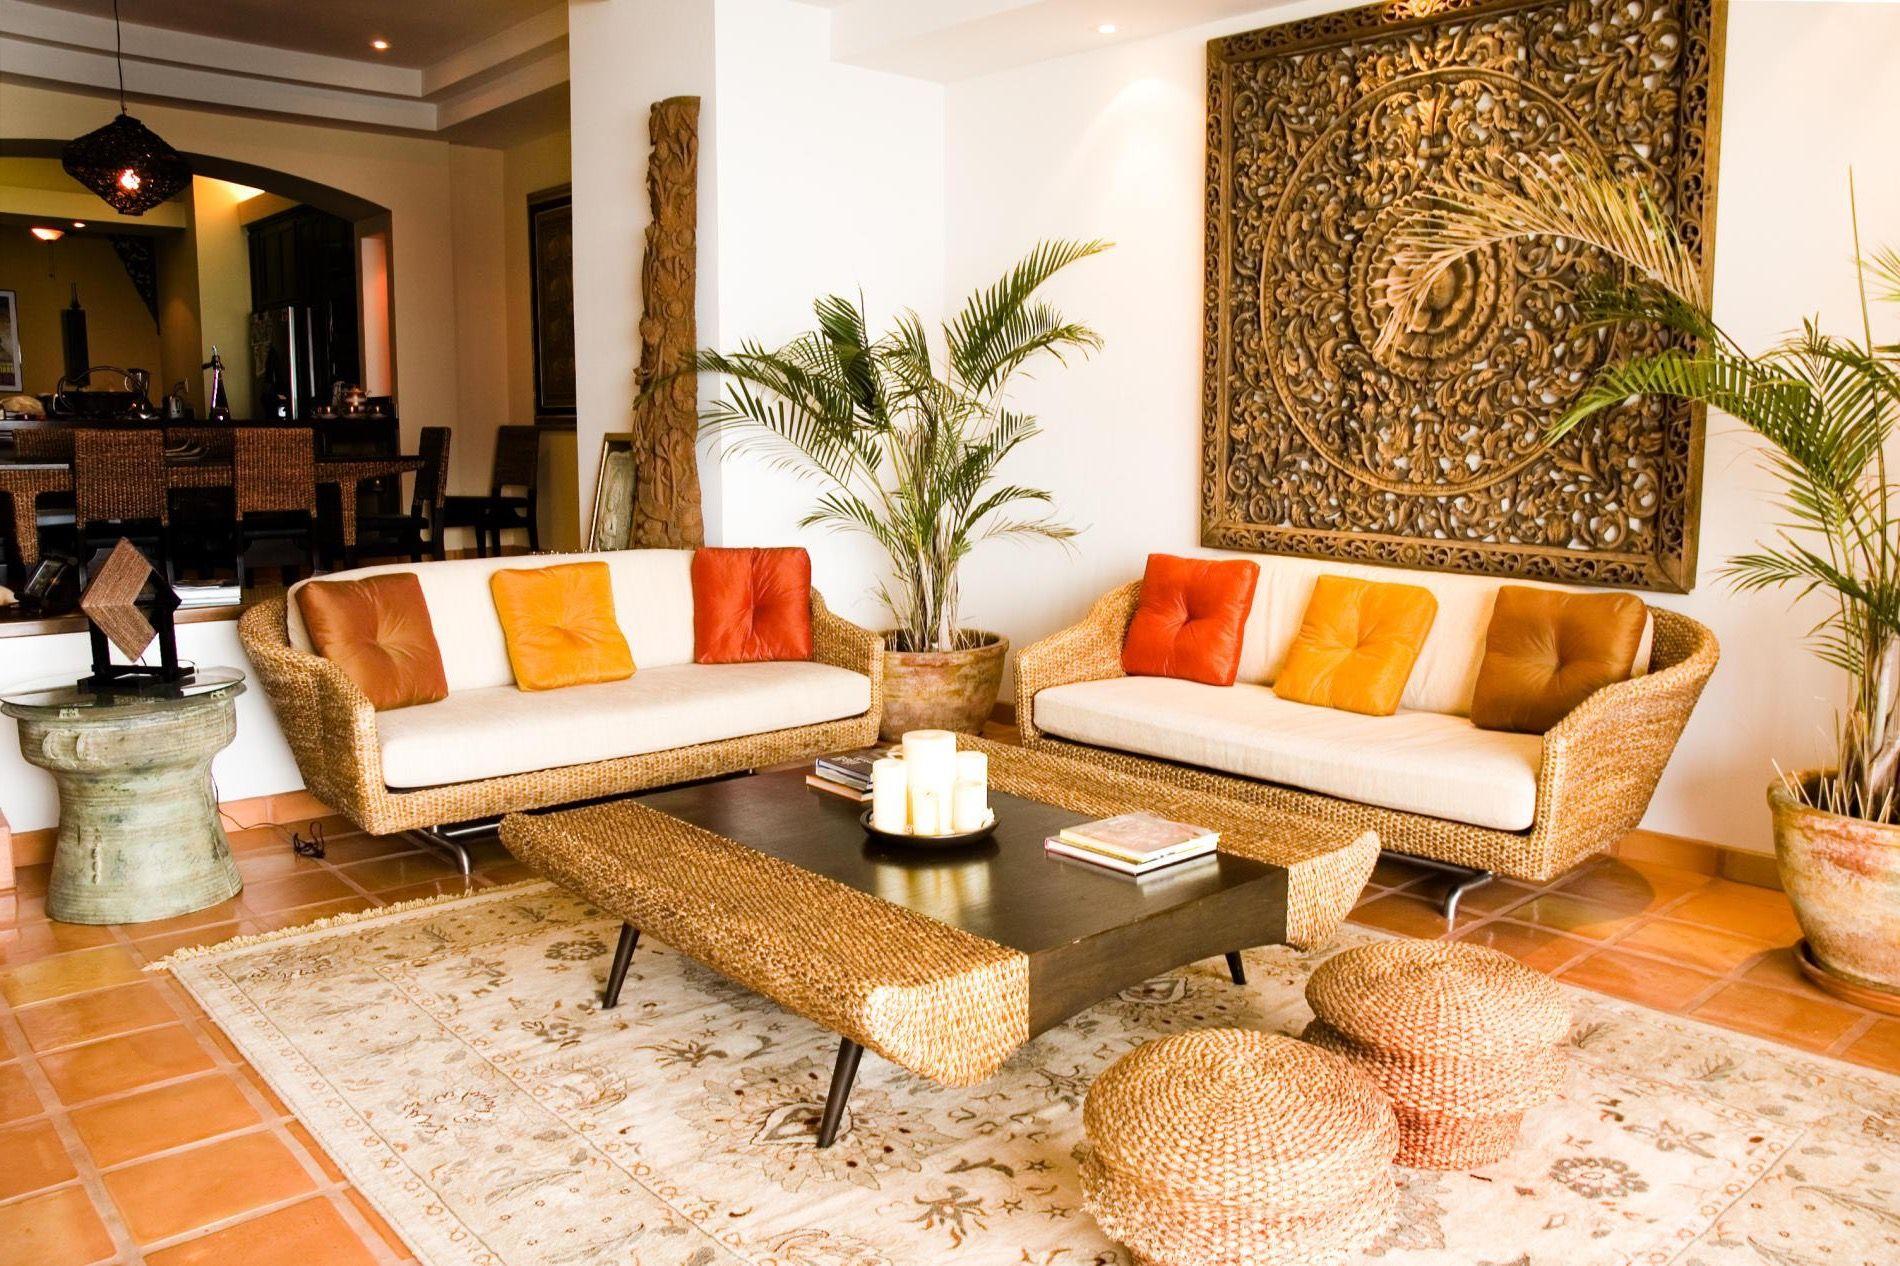 Indian living room interior decoration design concepts design rh pinterest se indian traditional living room furniture